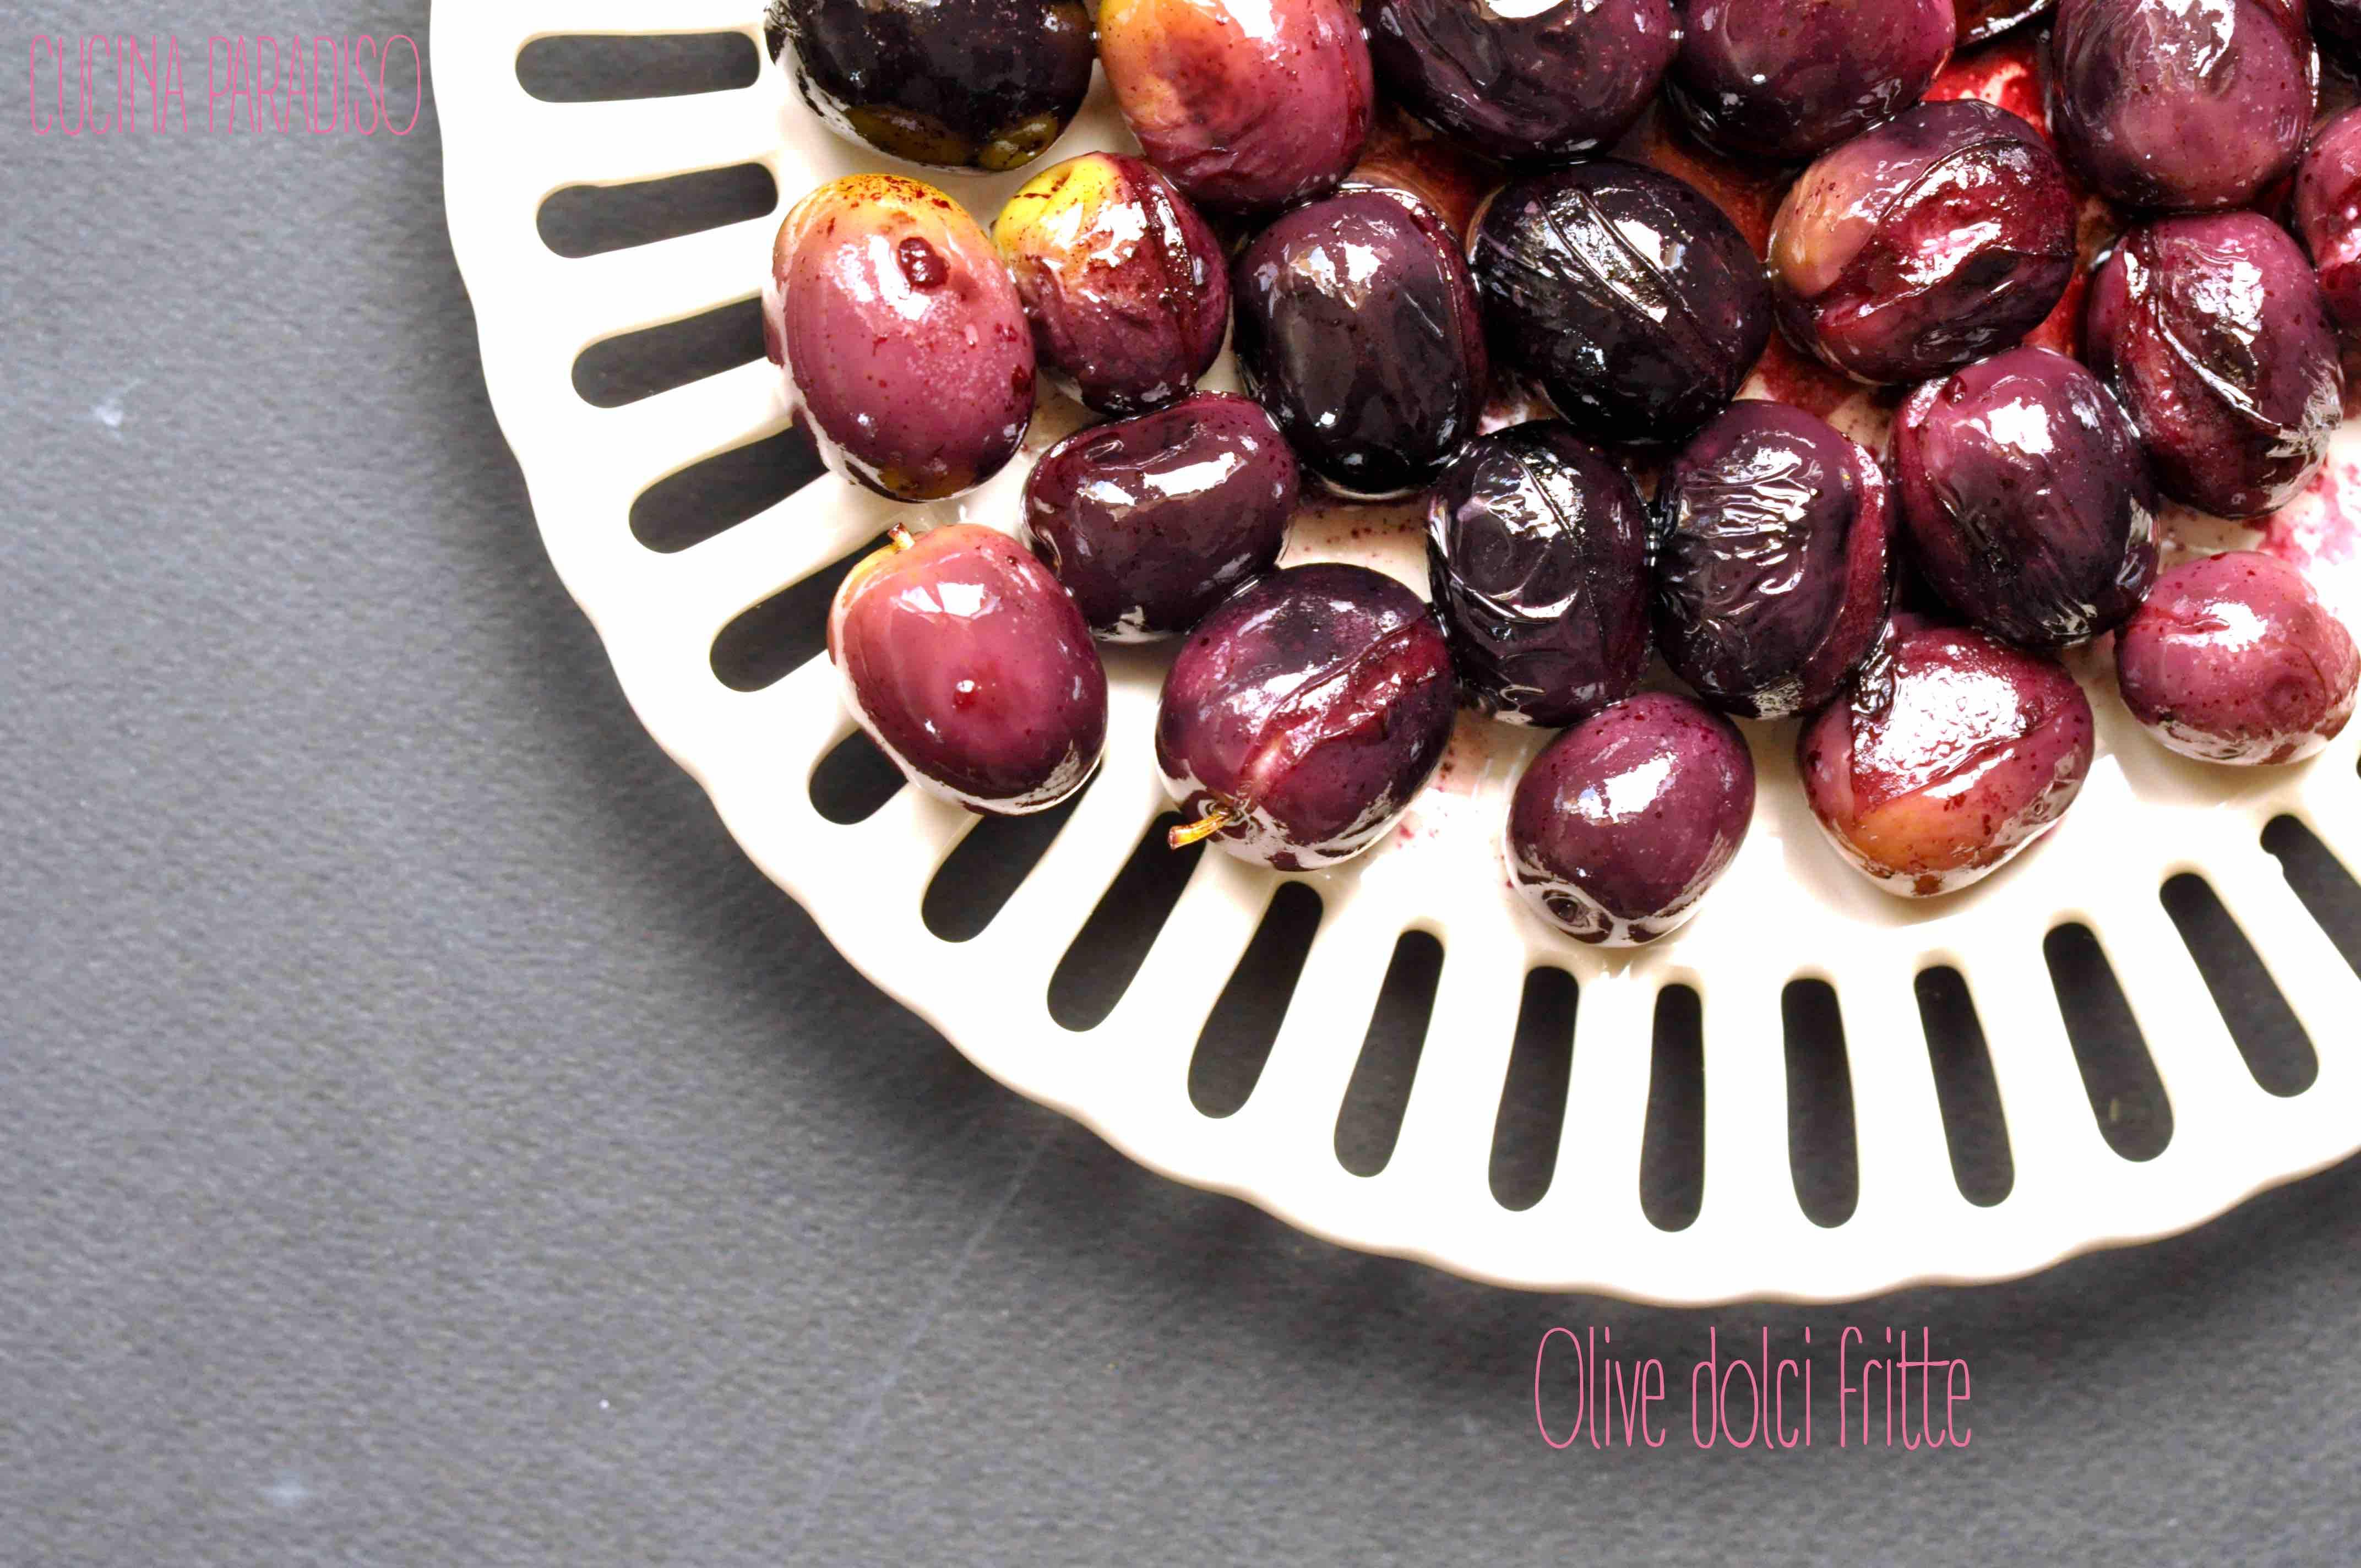 Olive dolci fritte2